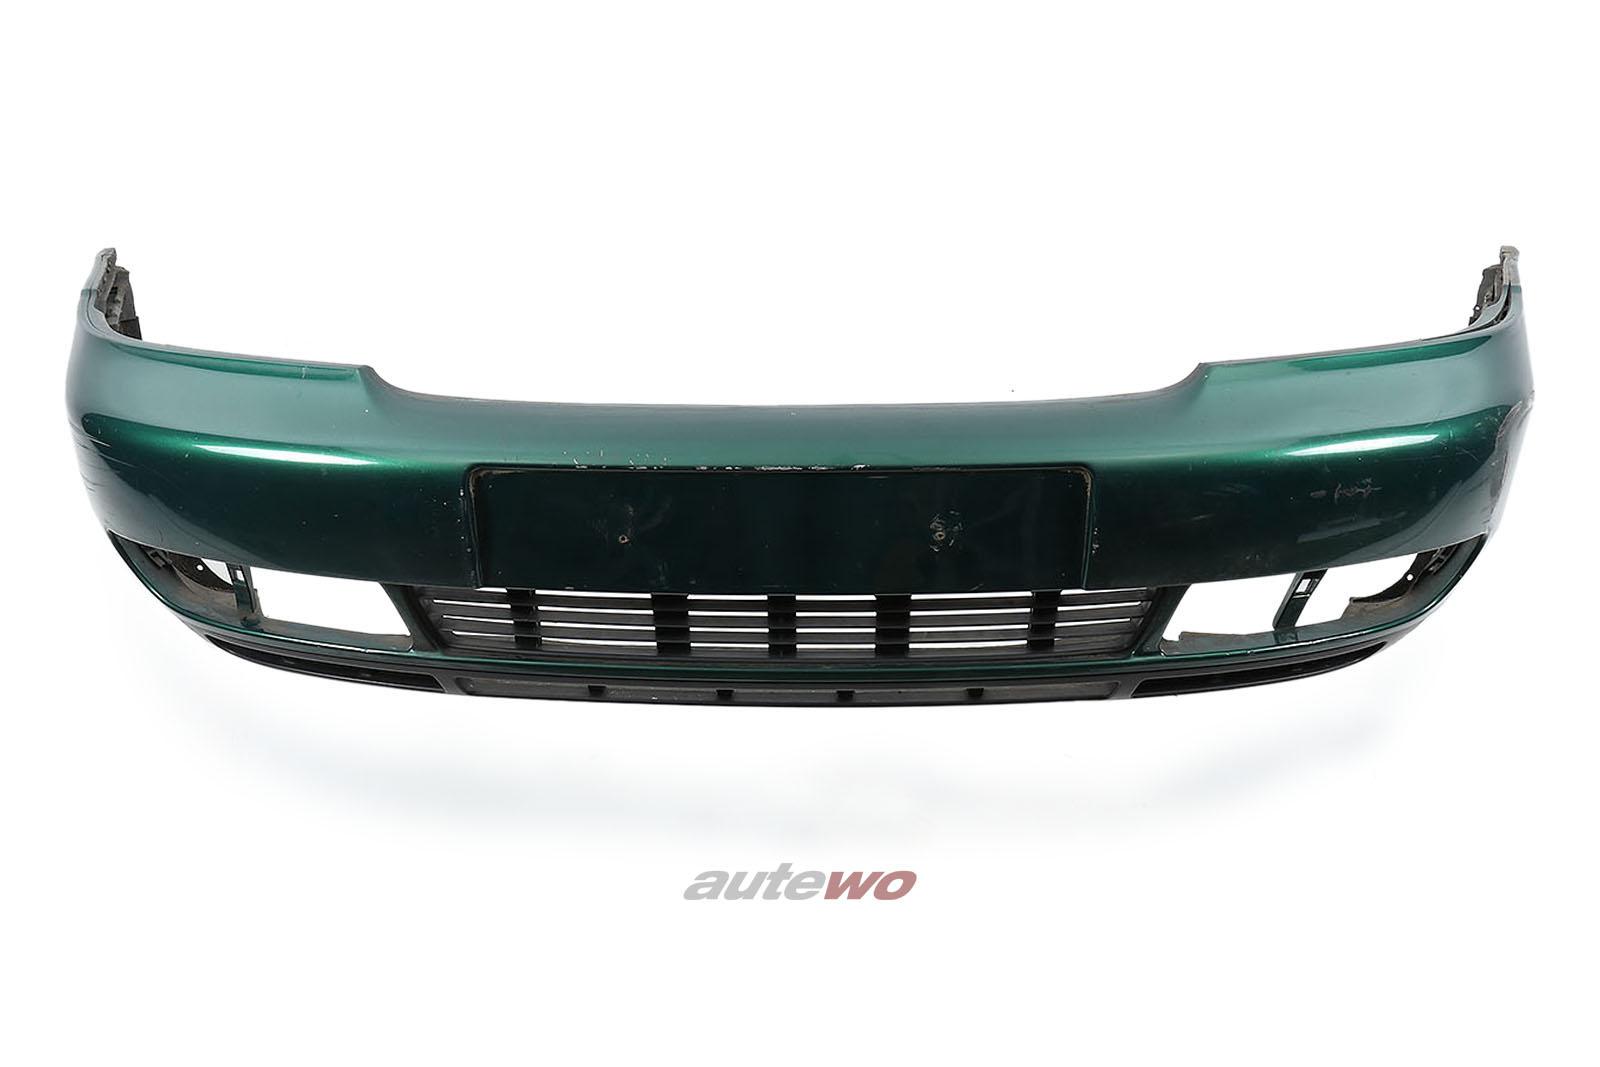 8D0807103 Audi A4 B5 Limousine/Avant Frontstoßstange Grün